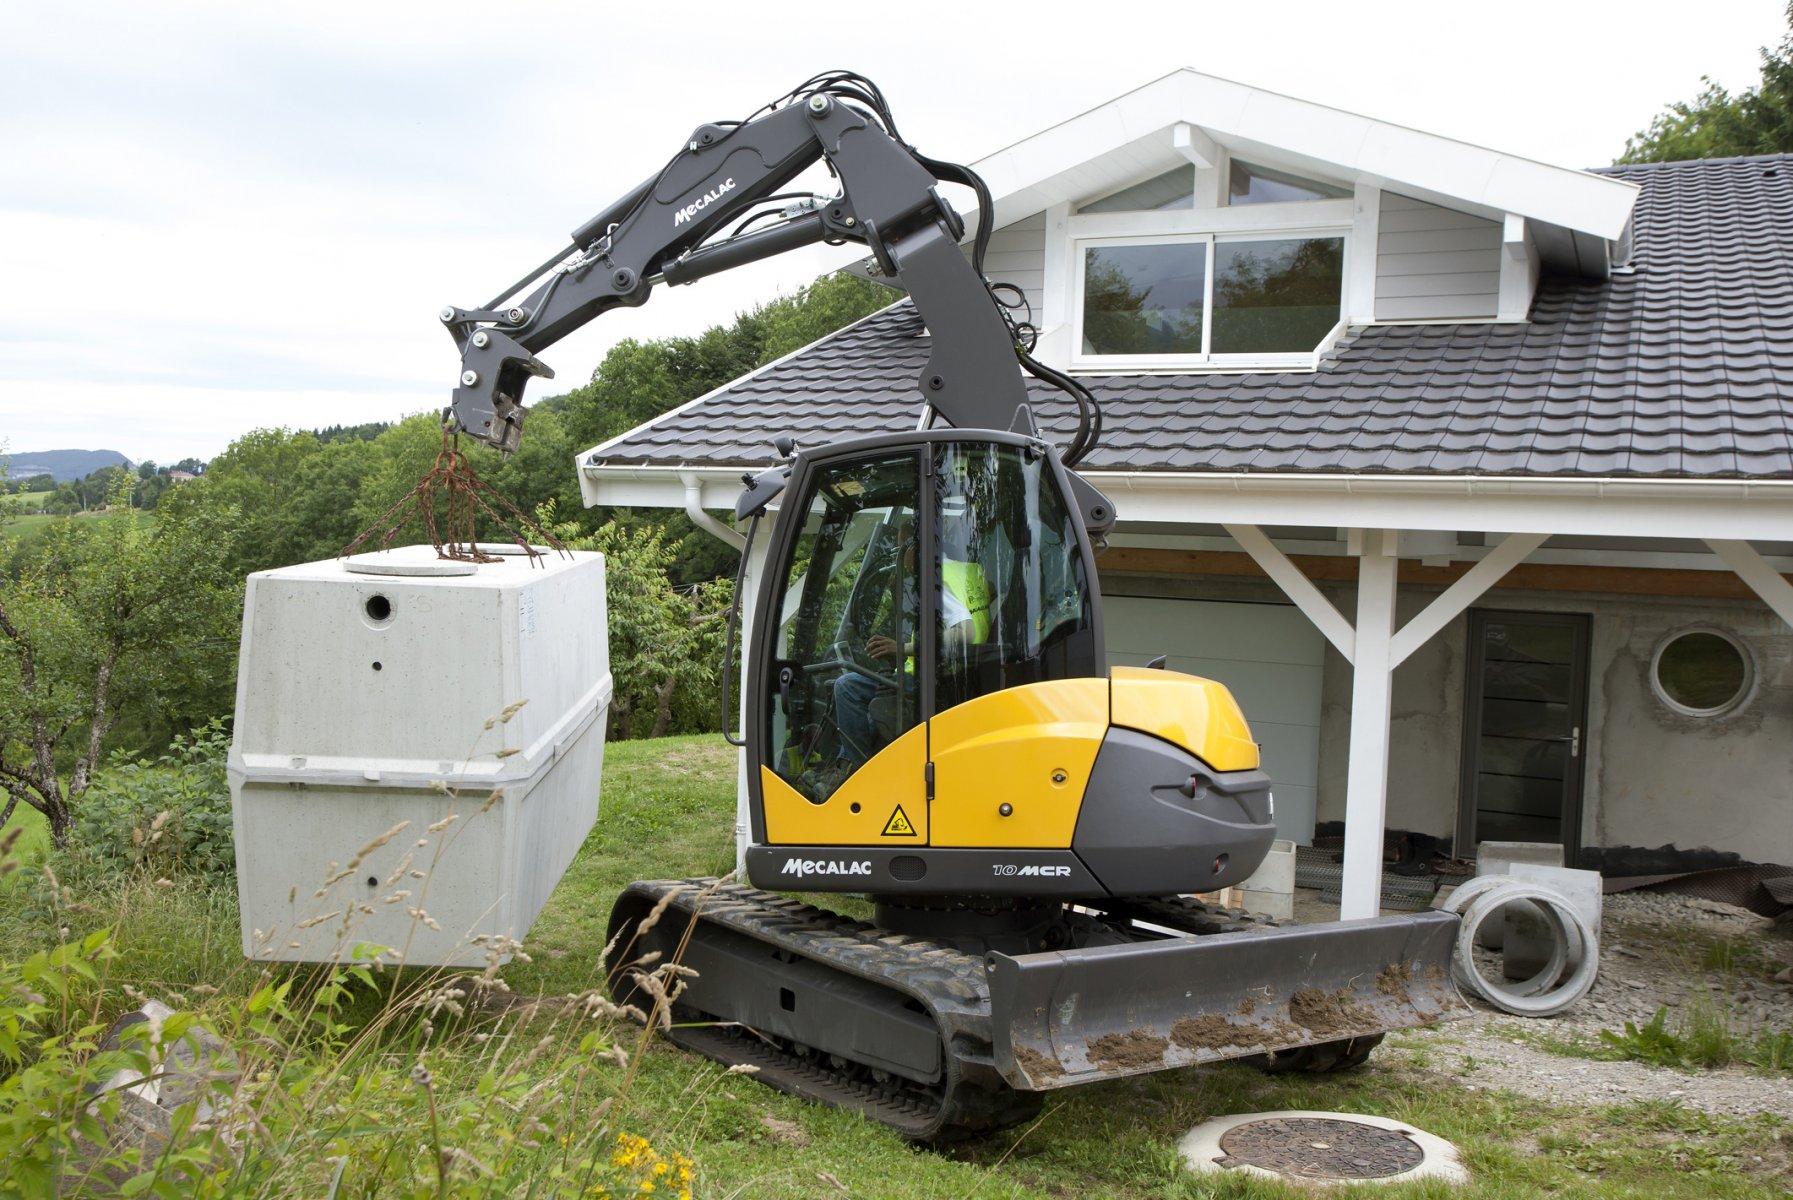 Crawler Skid Excavators Mecalac 10mcr